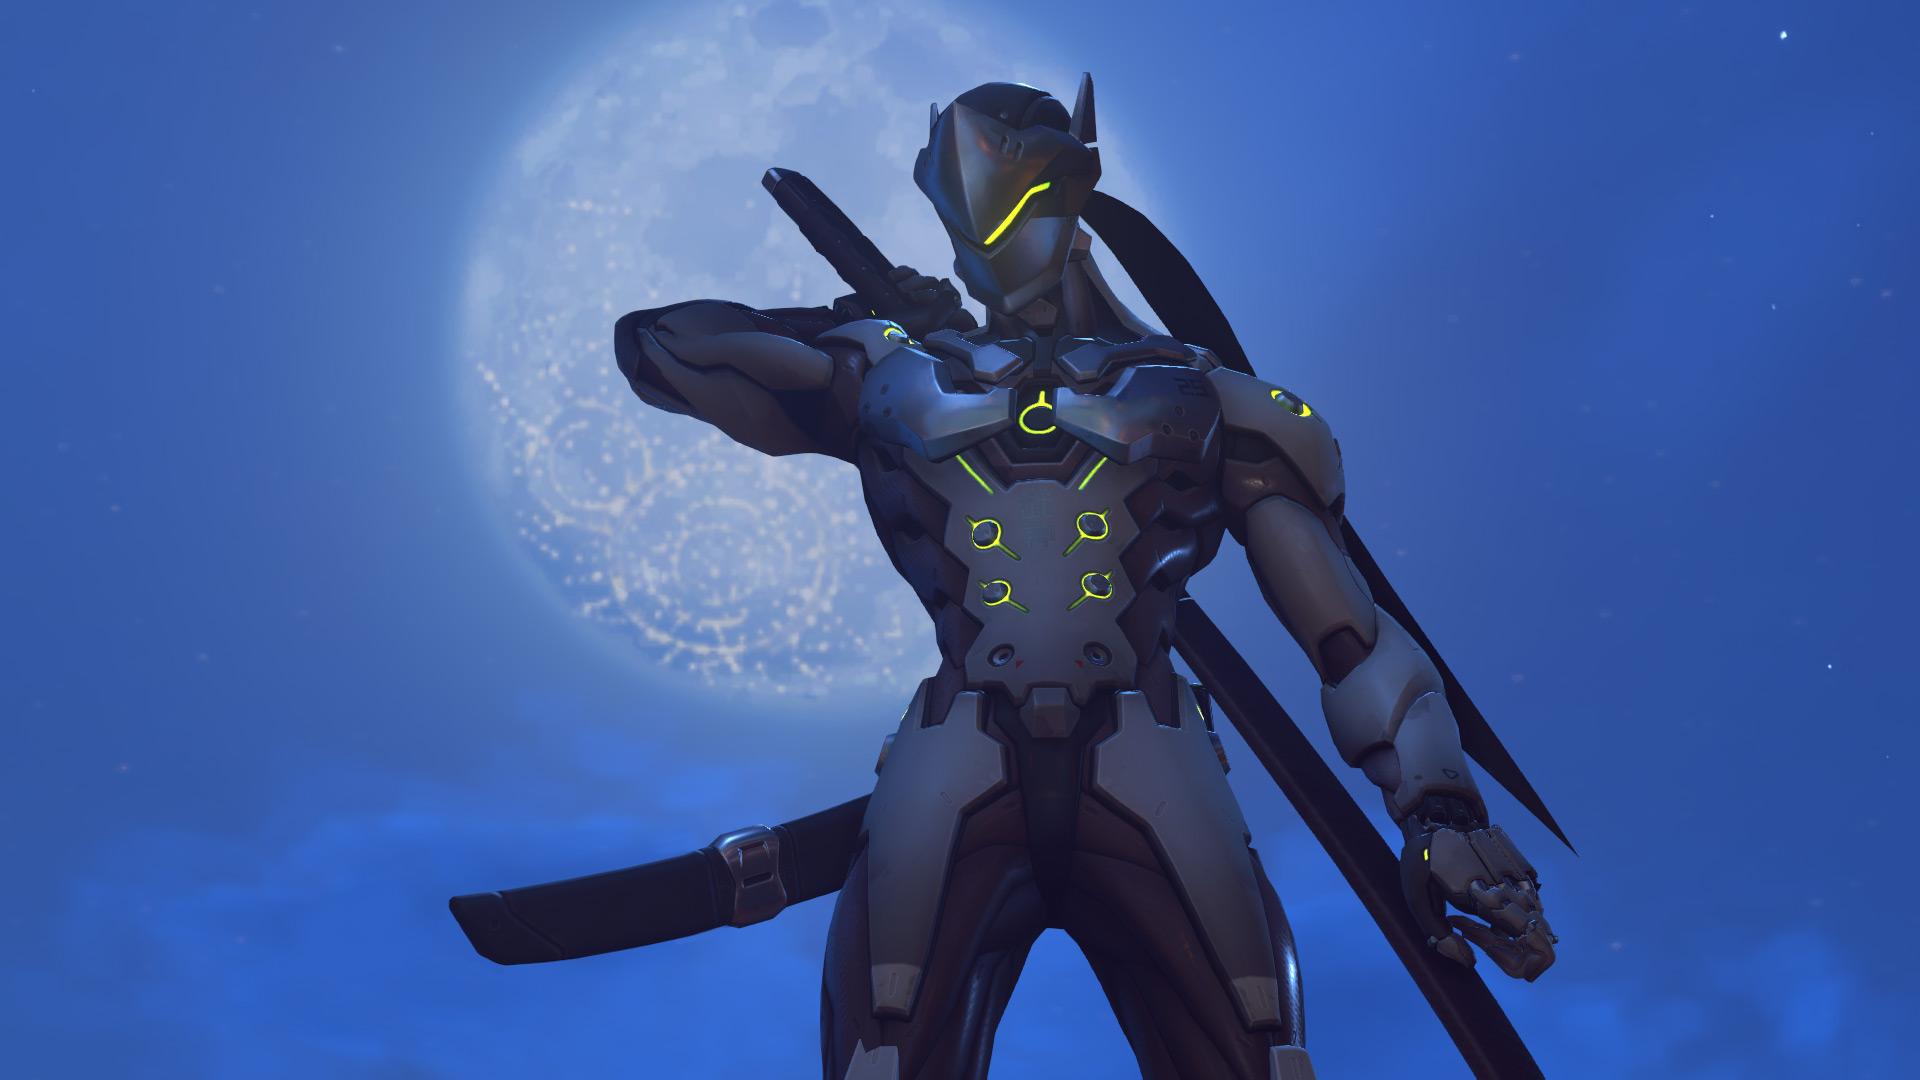 genji-screenshot-002.jpg